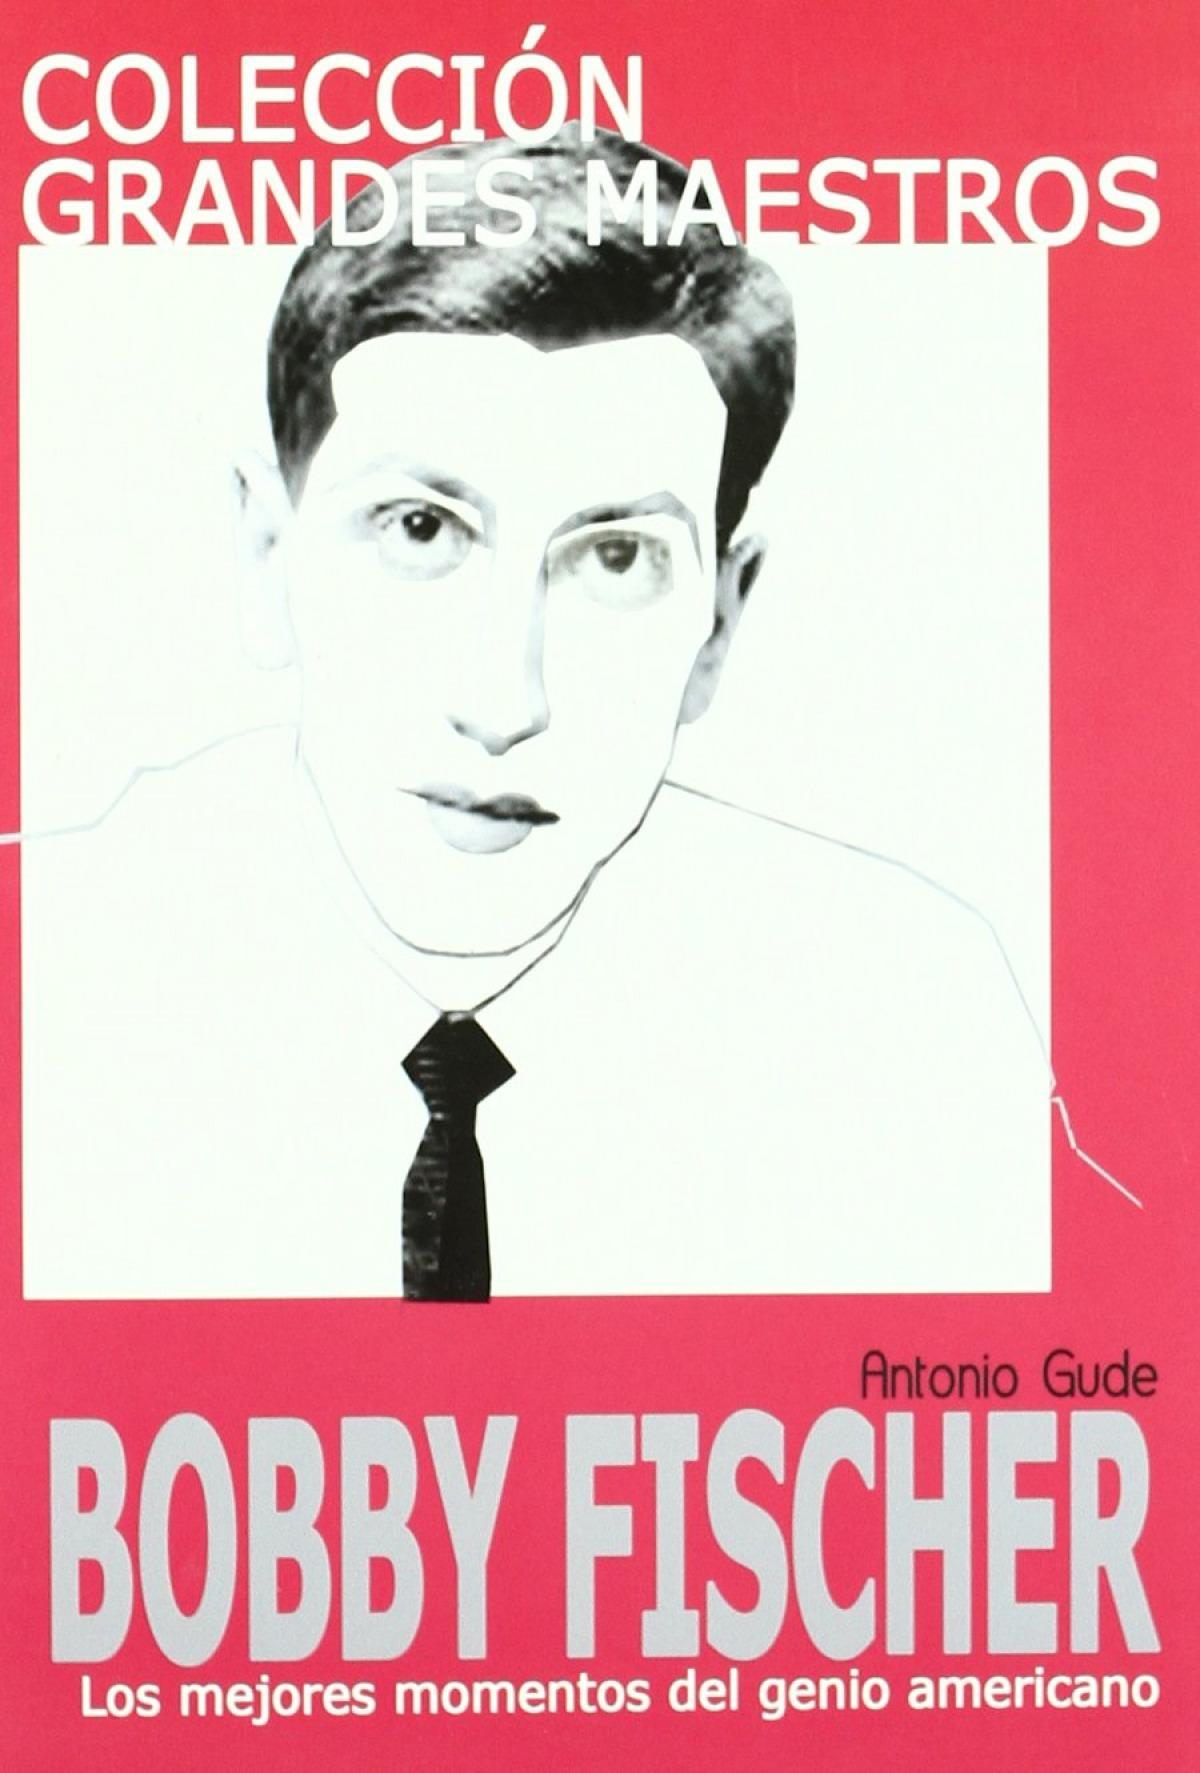 Bobby Fischer 9788492517190